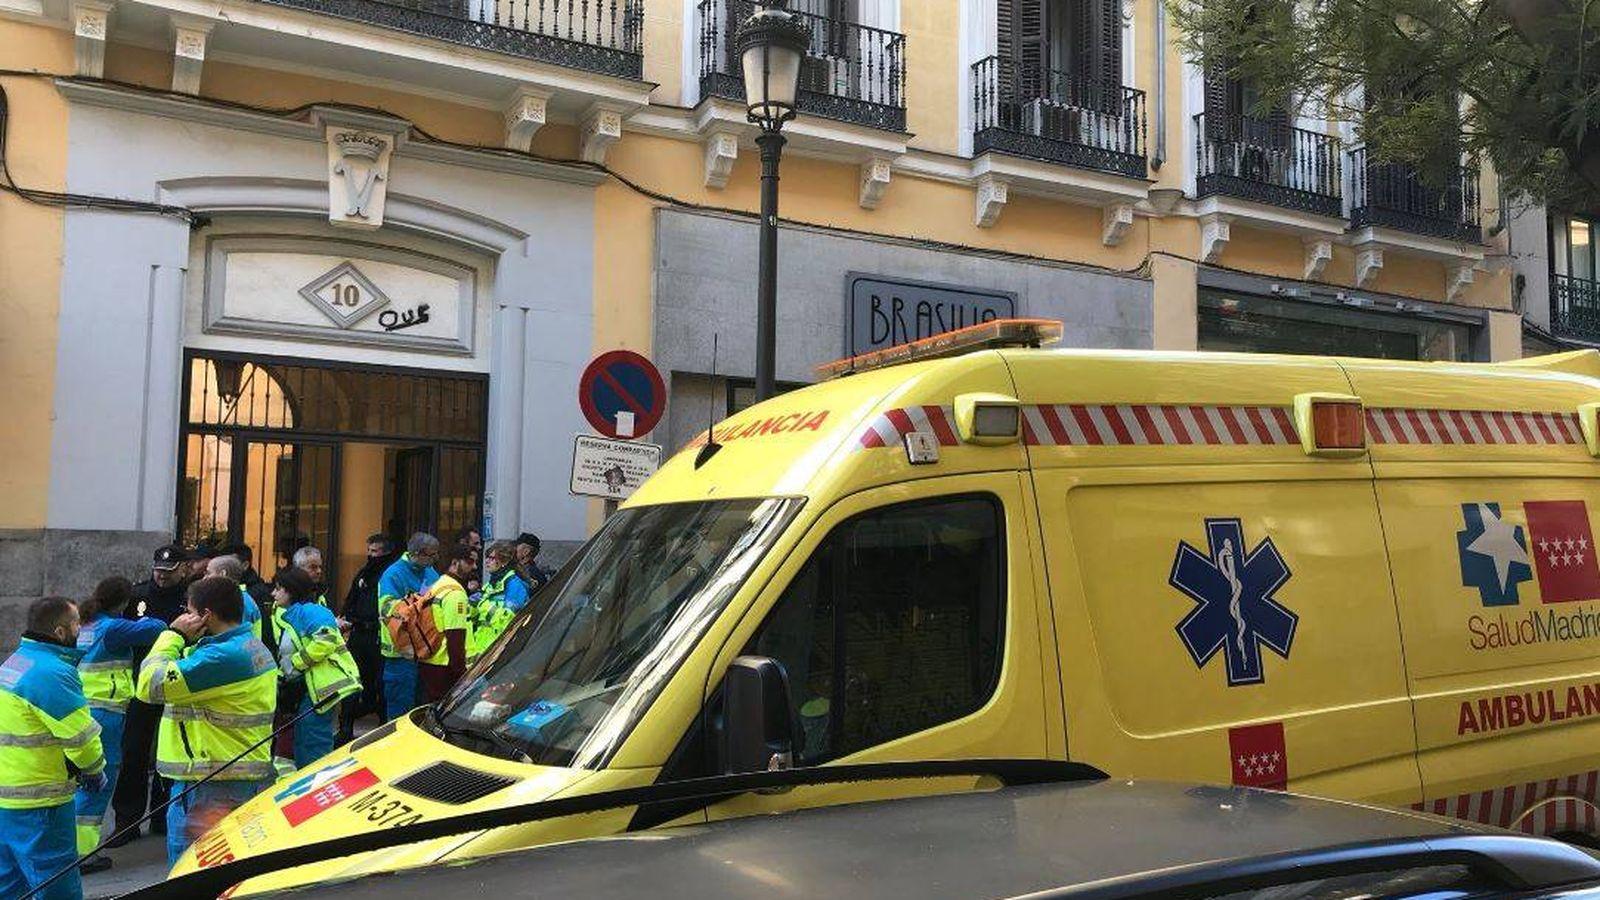 Foto: Lugar en el que se registró el incidente. (Emergencias 112 Comunidad de Madrid)